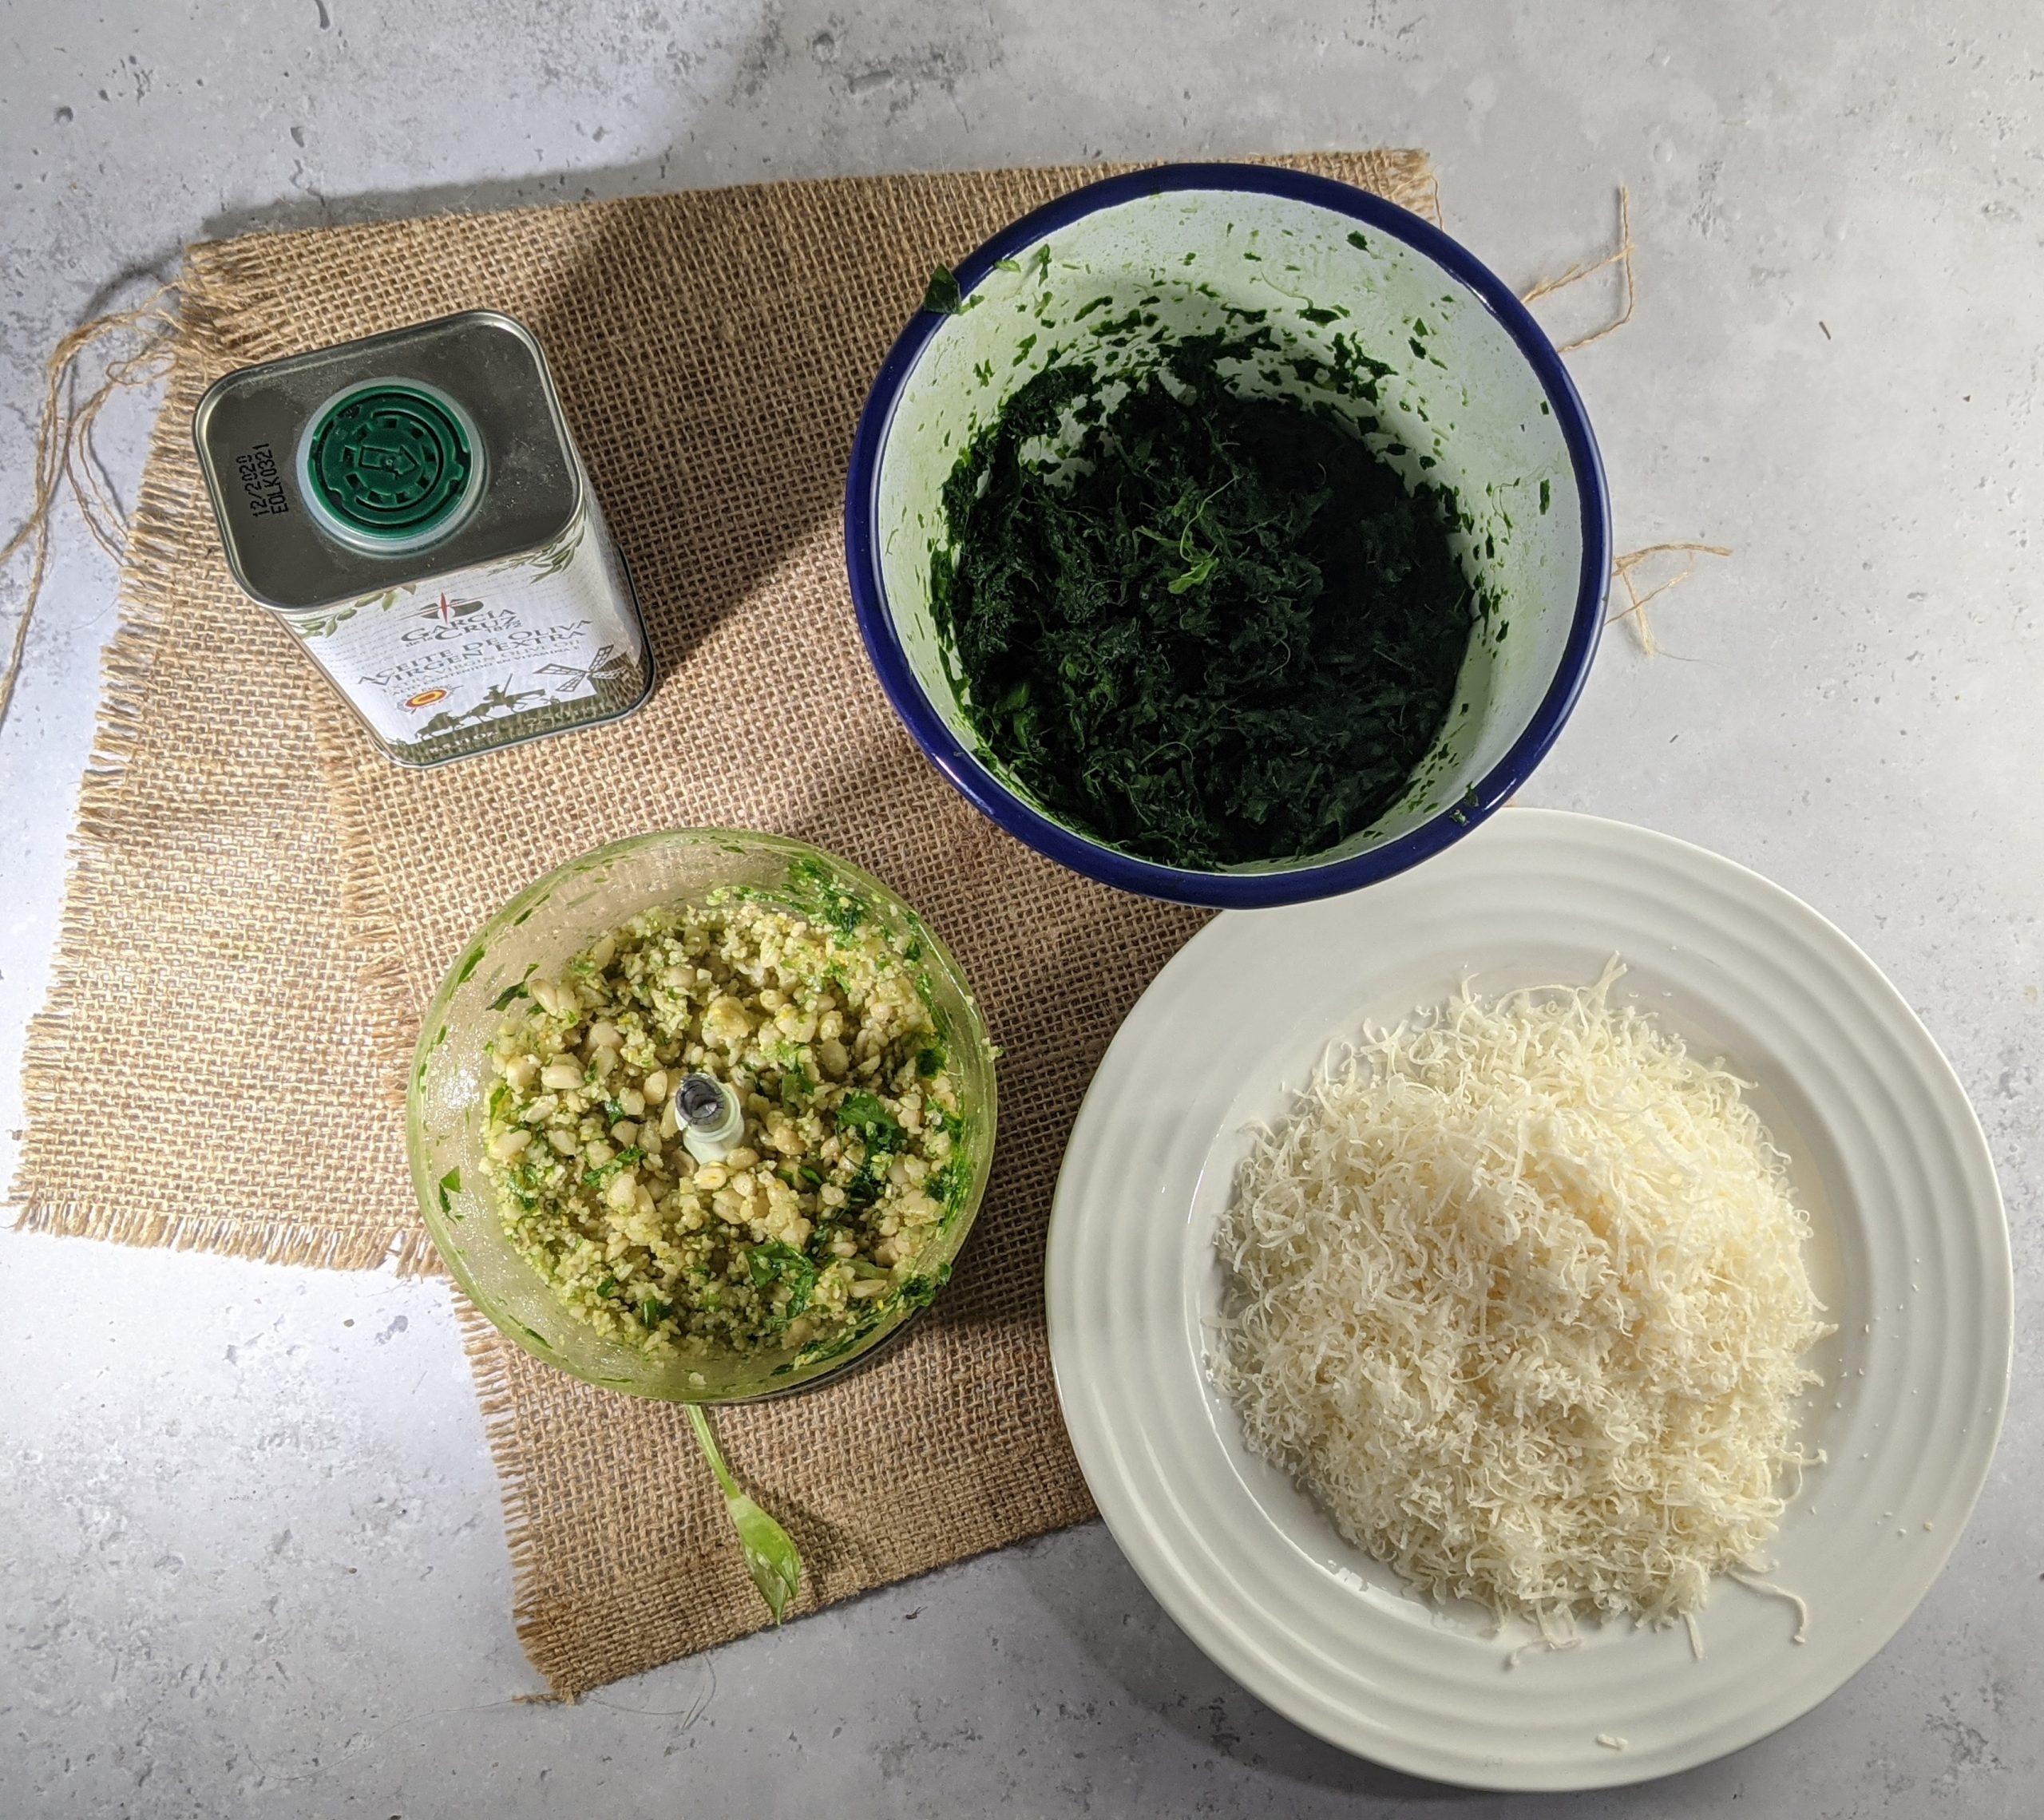 Process of making Wild Garlic Pesto